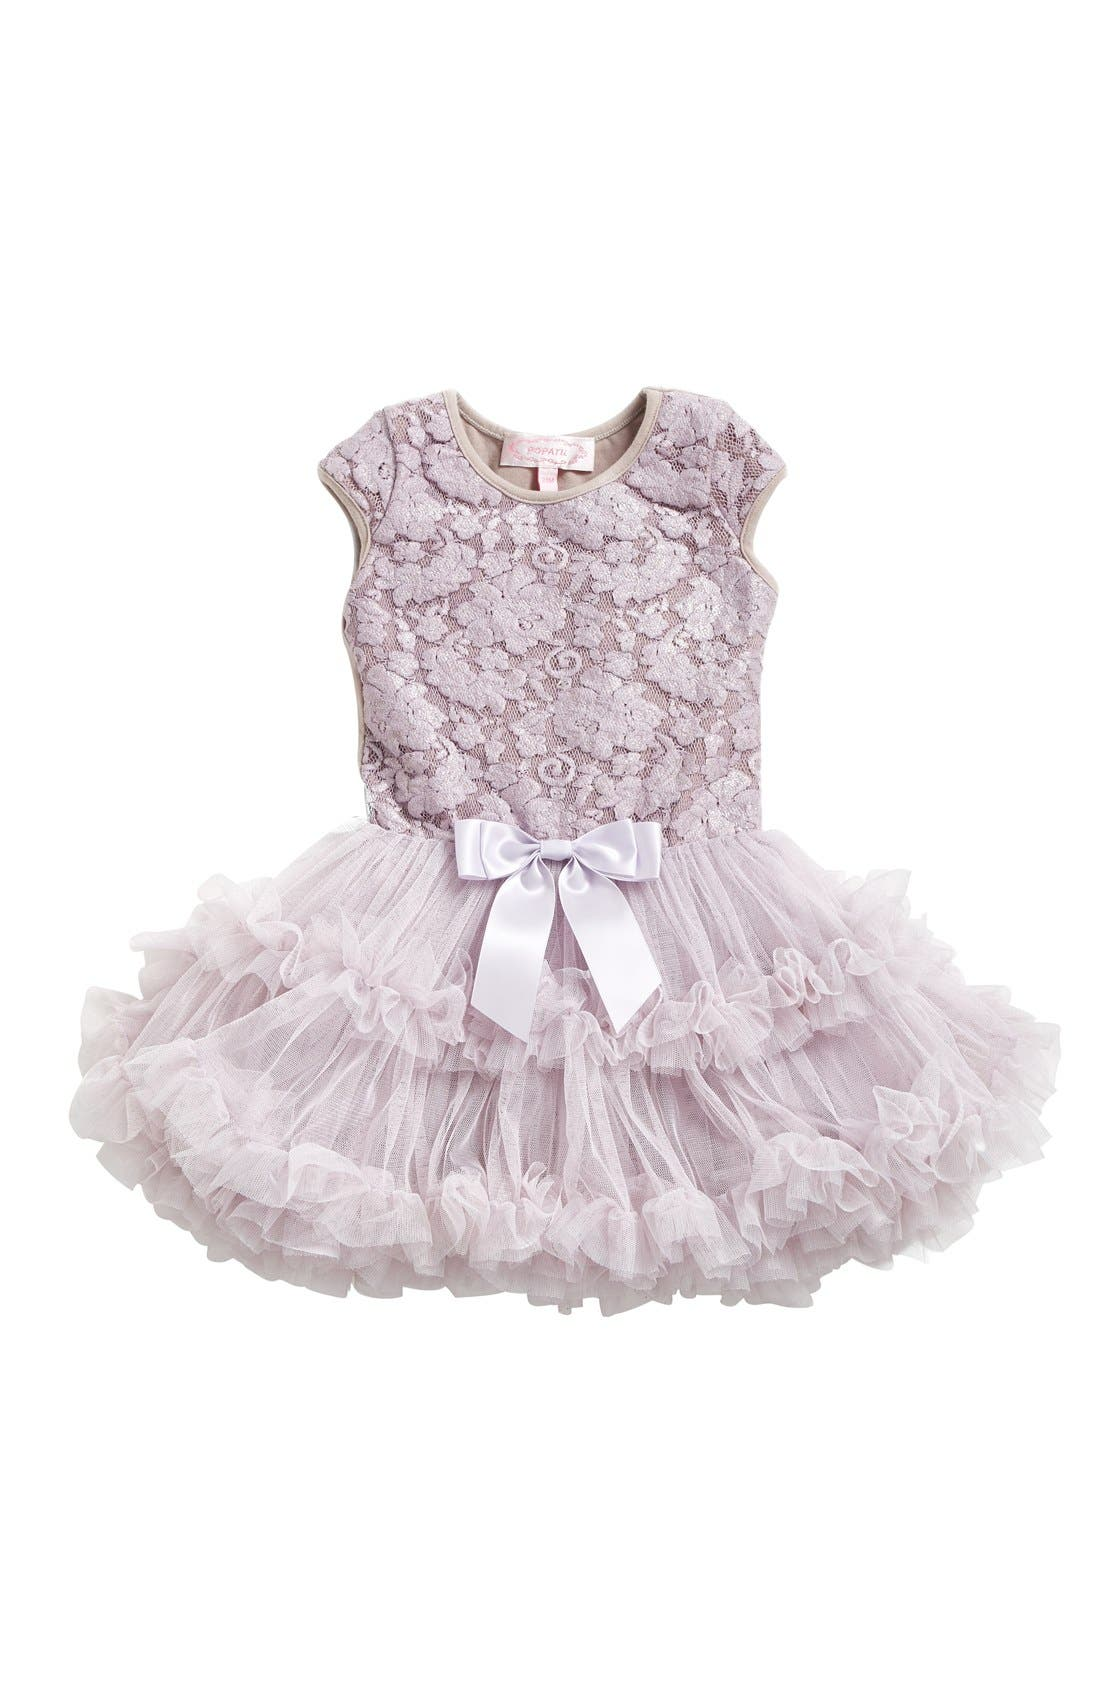 Popatu Lace Pettidress (Baby Girls)